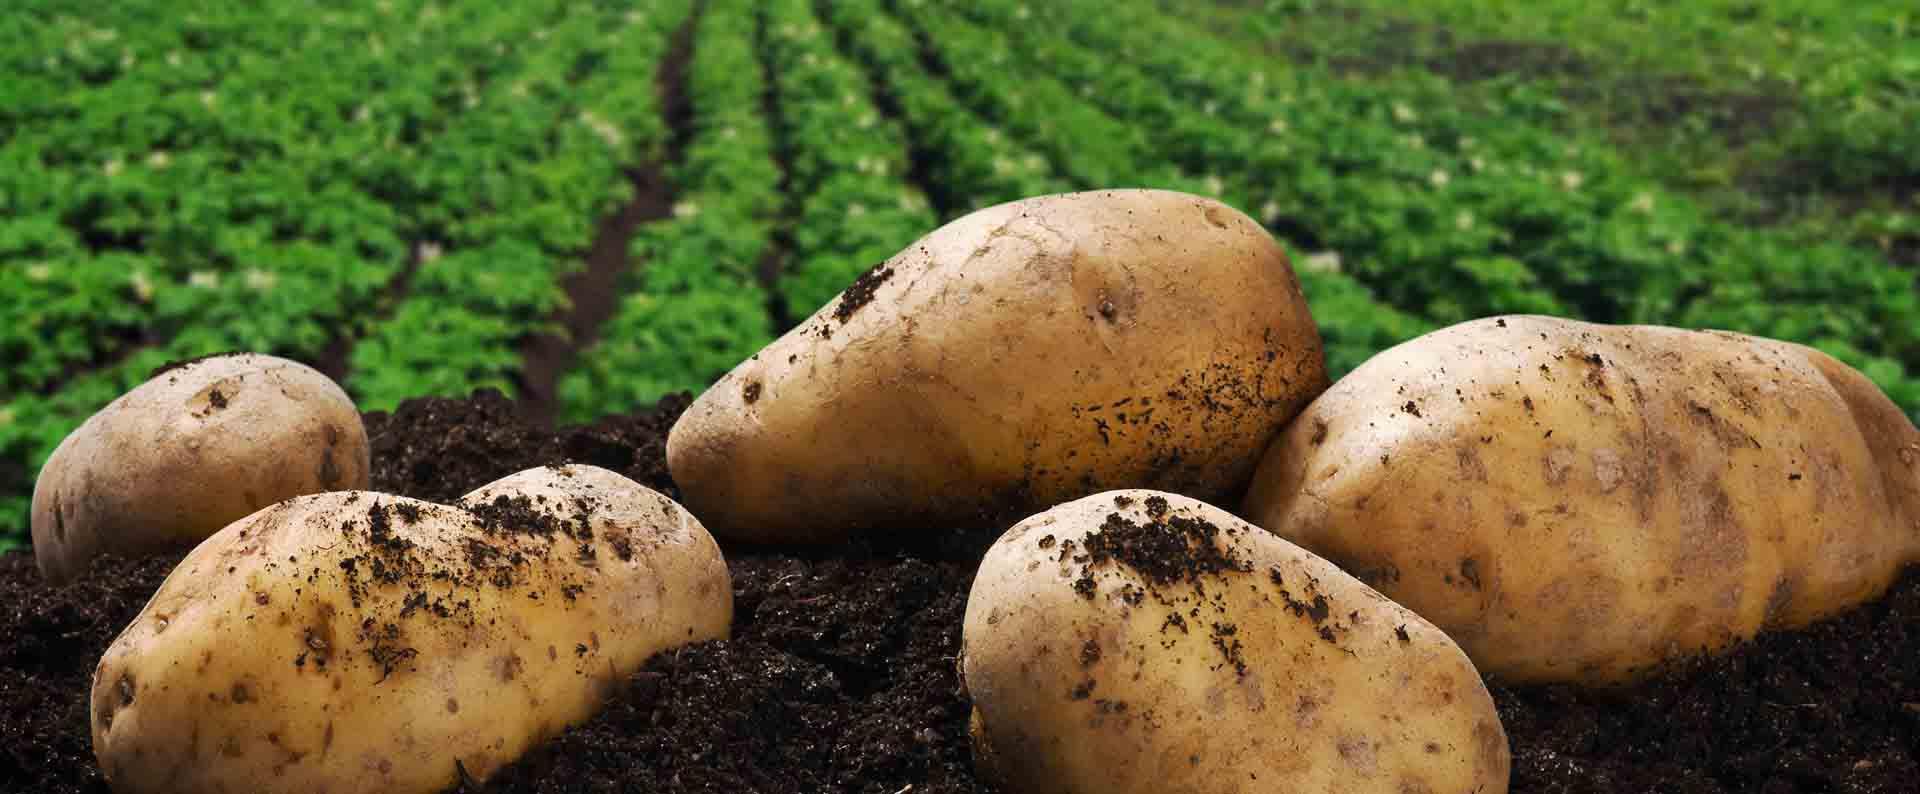 Farming Fertilizer